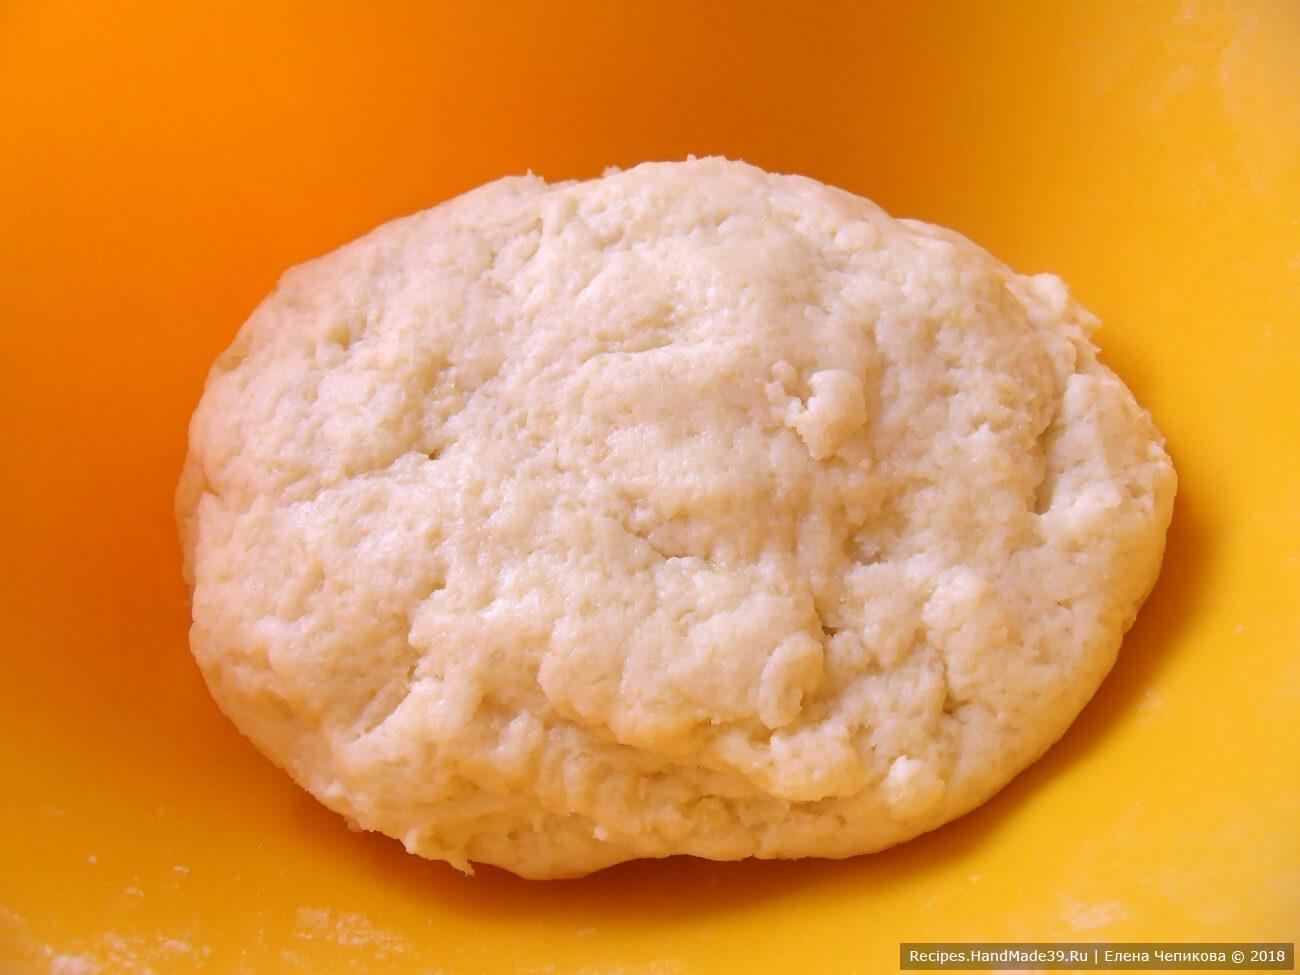 Добавить протёртую картошку, сахарную пудру. Влить молоко. Замесить мягкое тесто